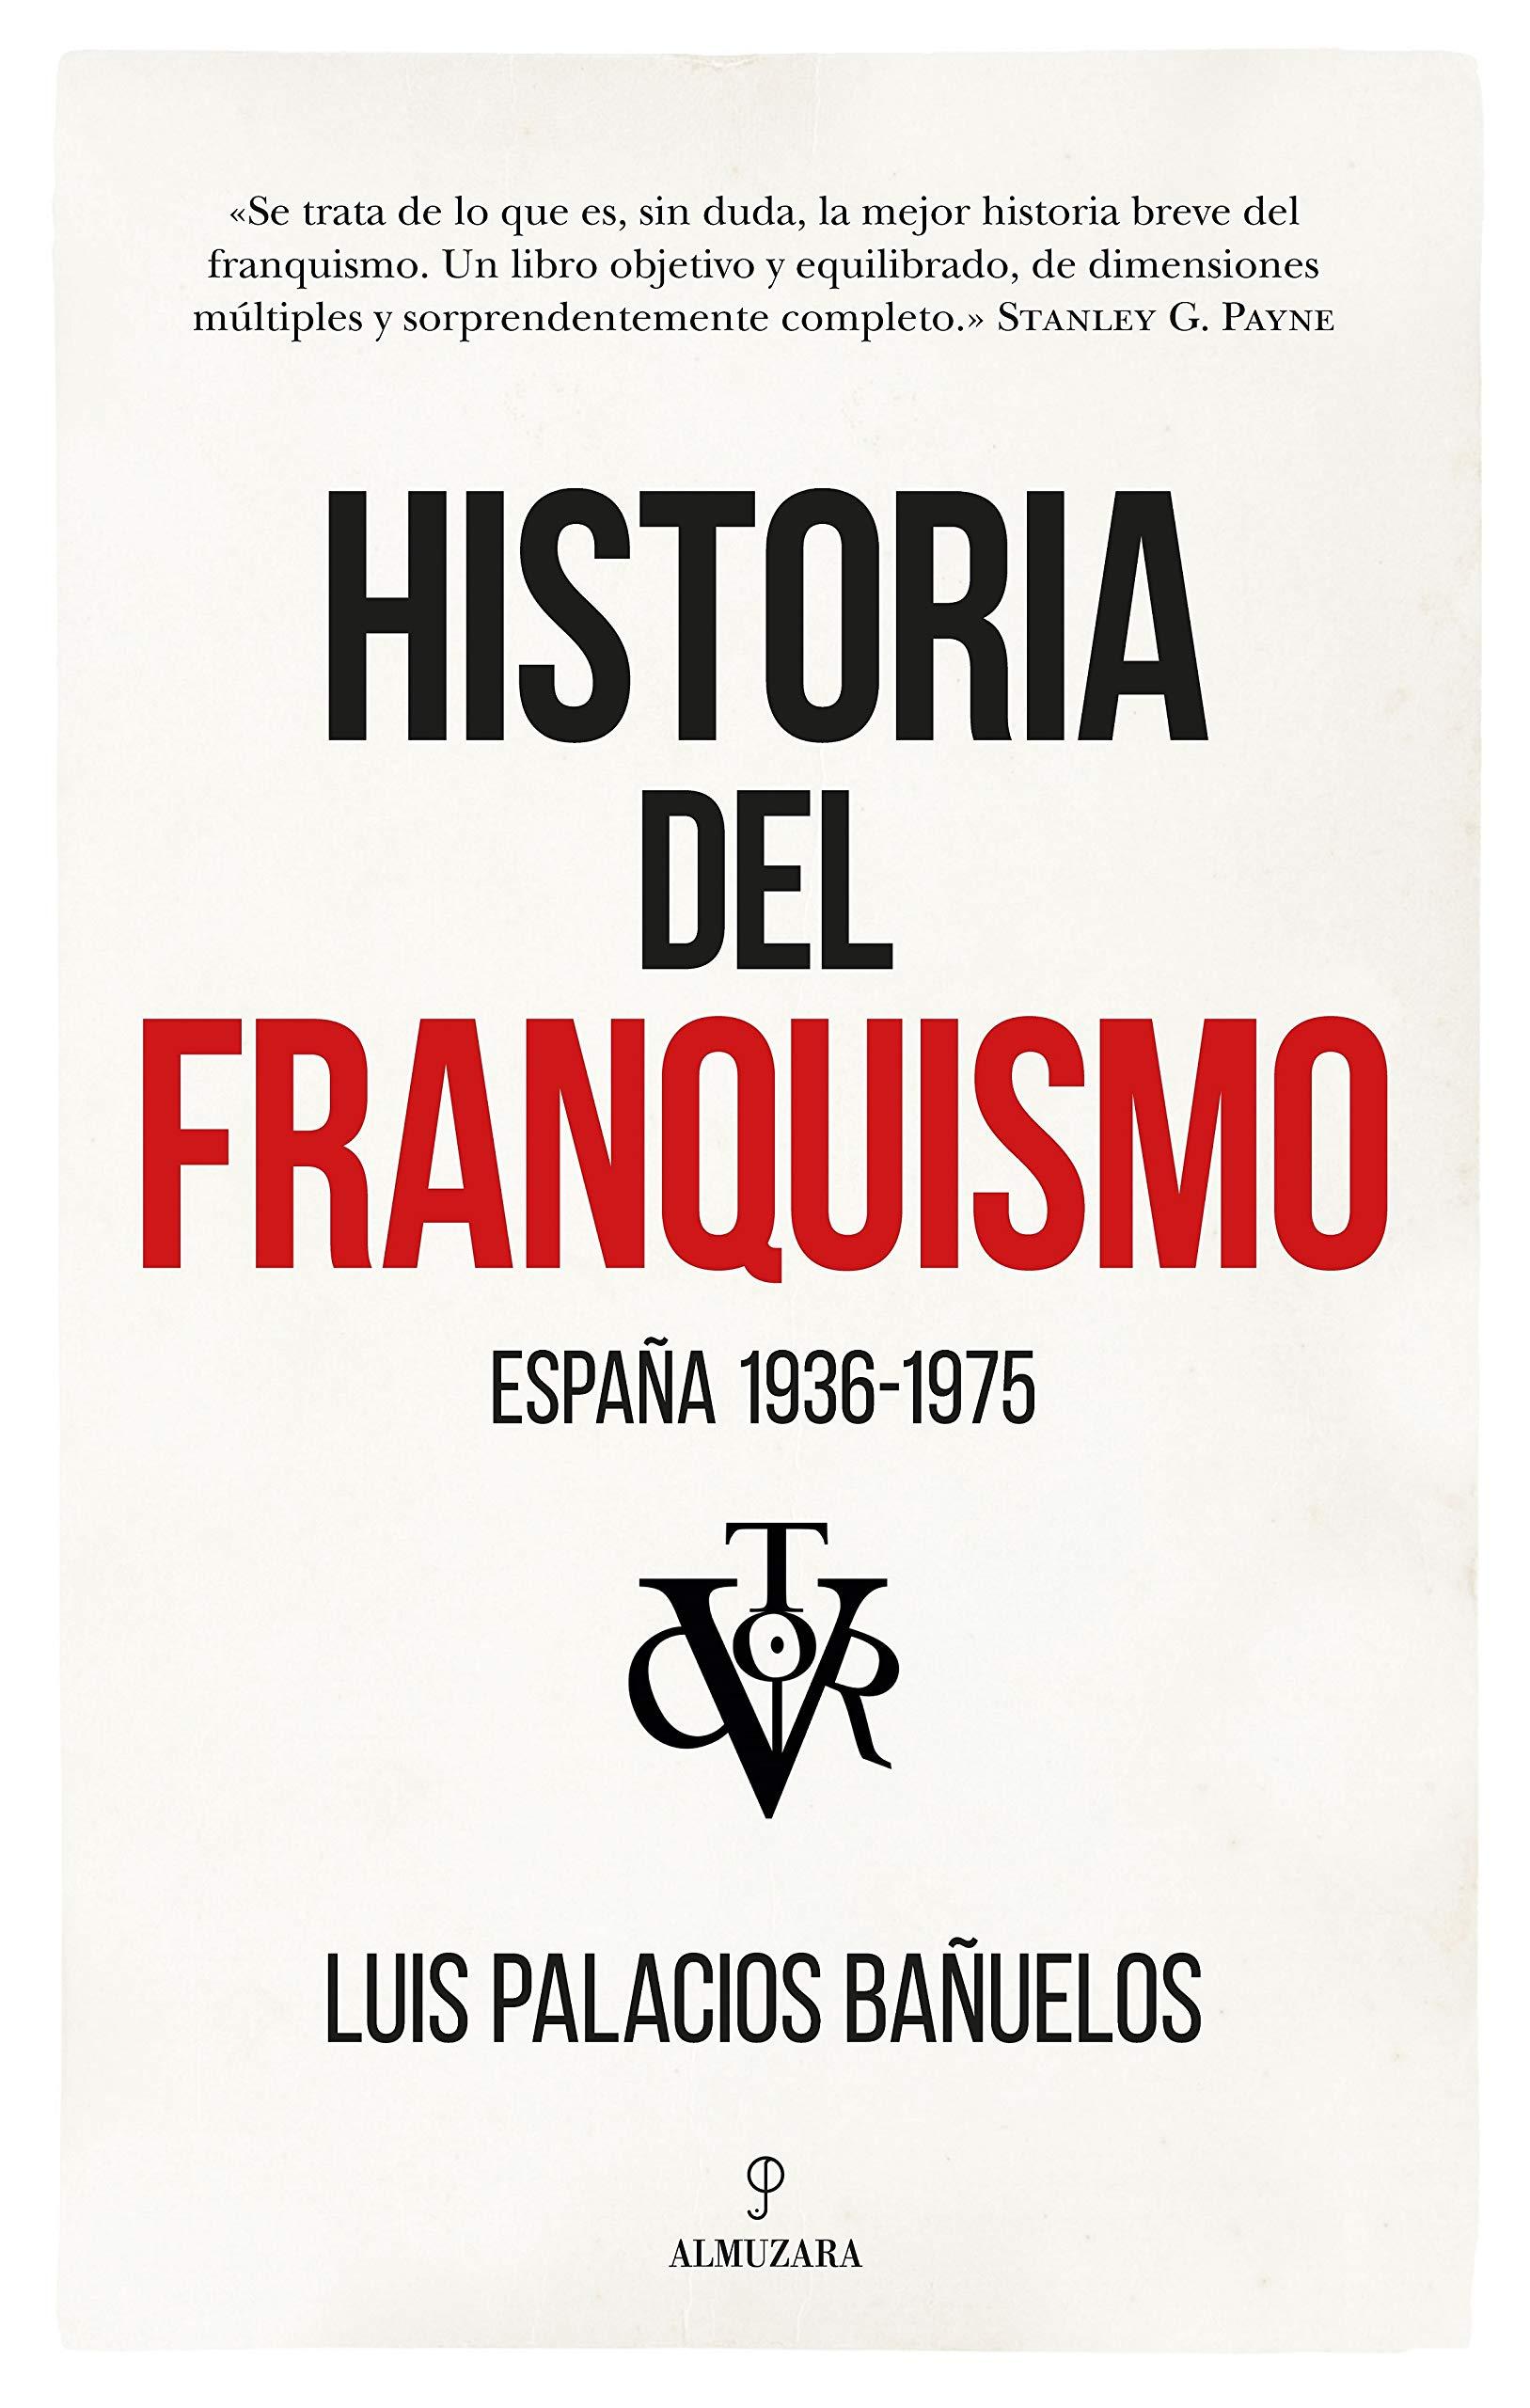 Historia Del Franquismo: España 1936-1975: Amazon.es: Luis ...